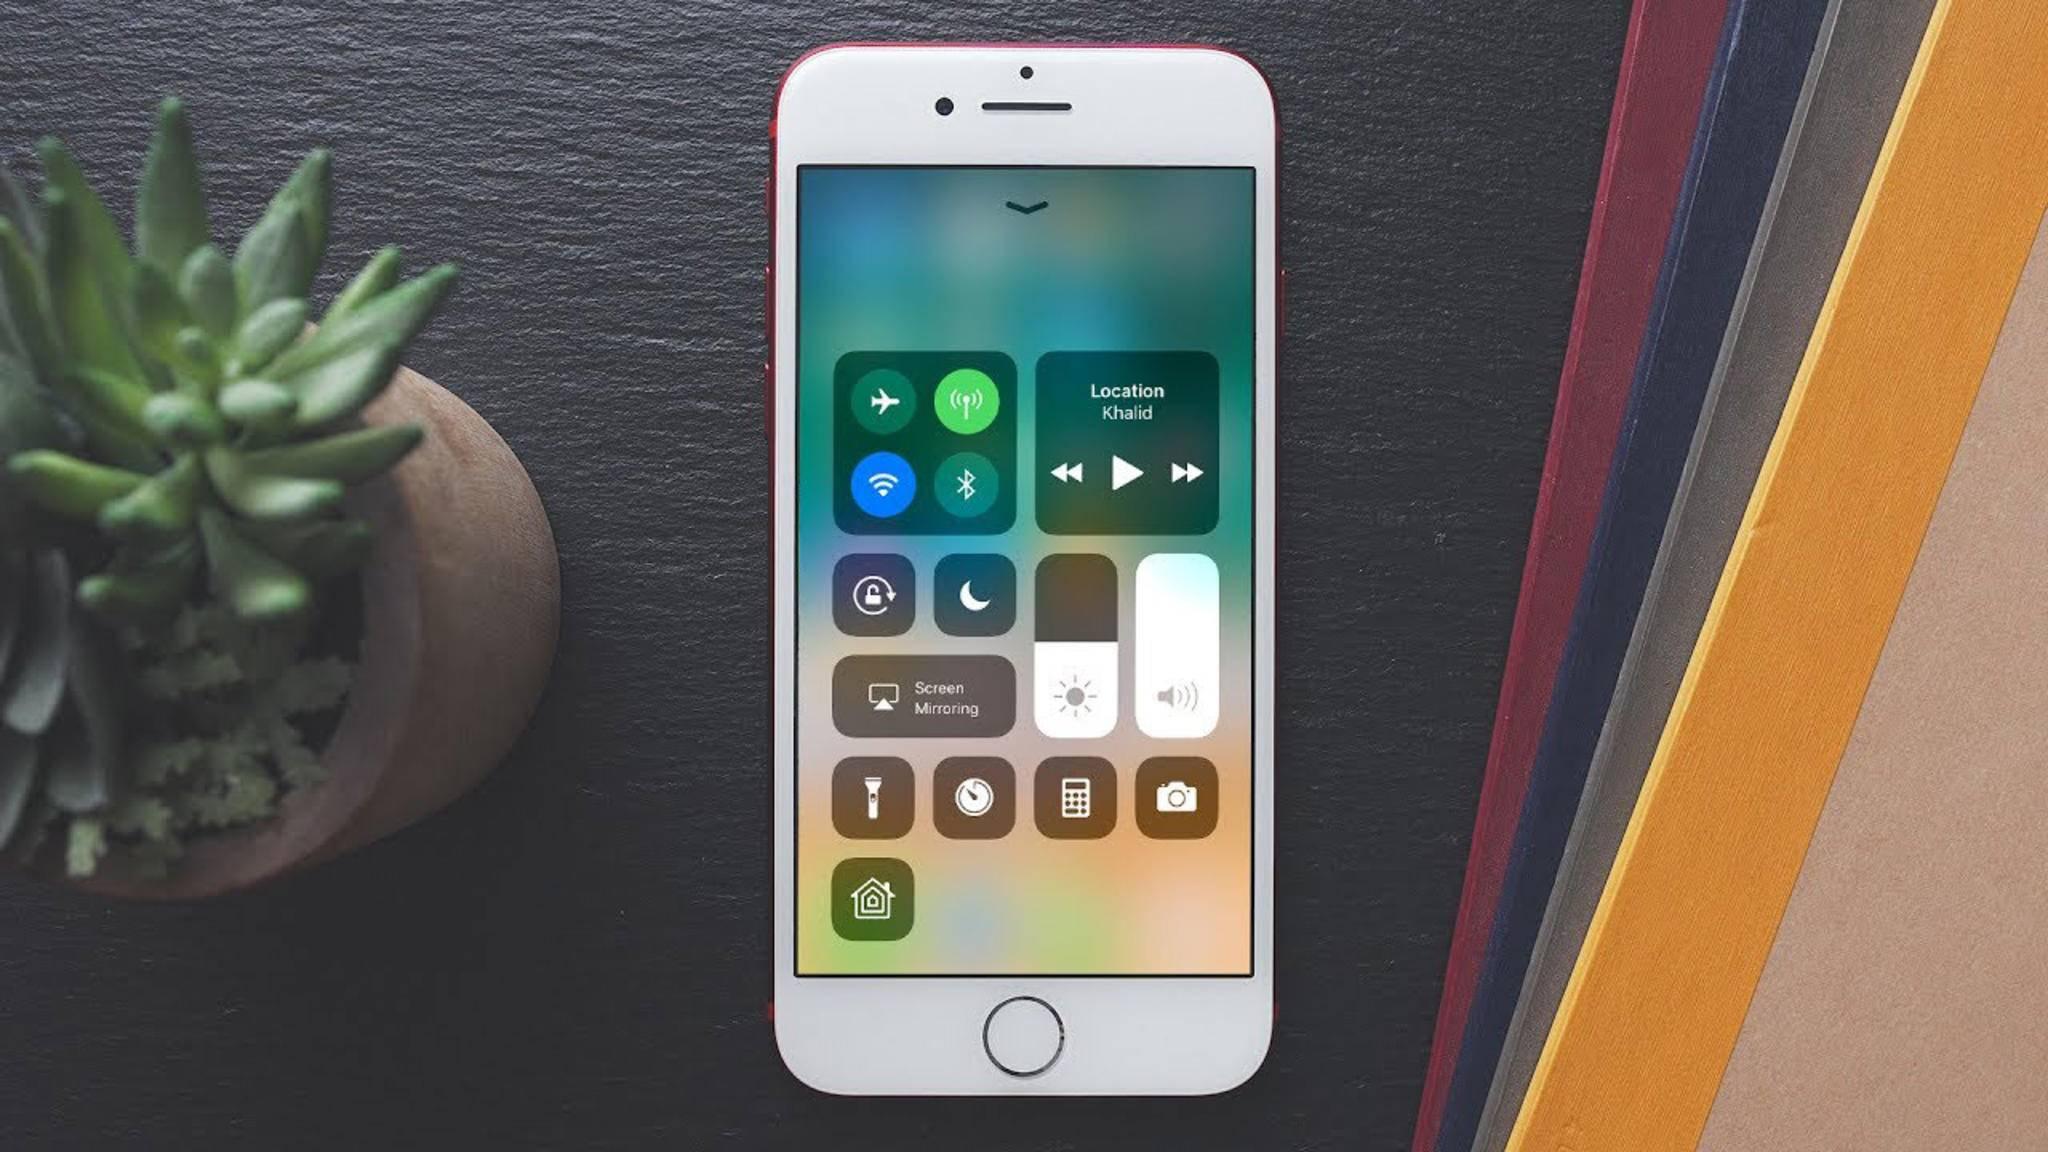 Nie zuvor konnte das Kontrollzentrum so flexibel wie in iOS 11 genutzt werden.